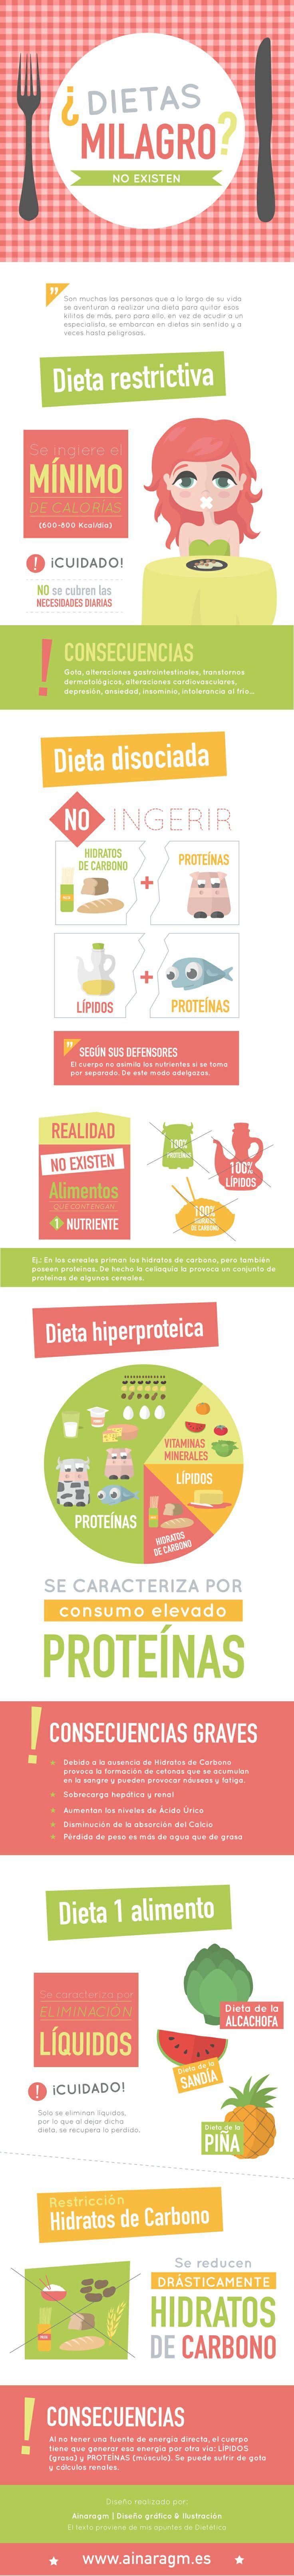 Consecuencias de las dietas milagro - Infografías y Remedios. #infografia #infographic #nutrición #salud